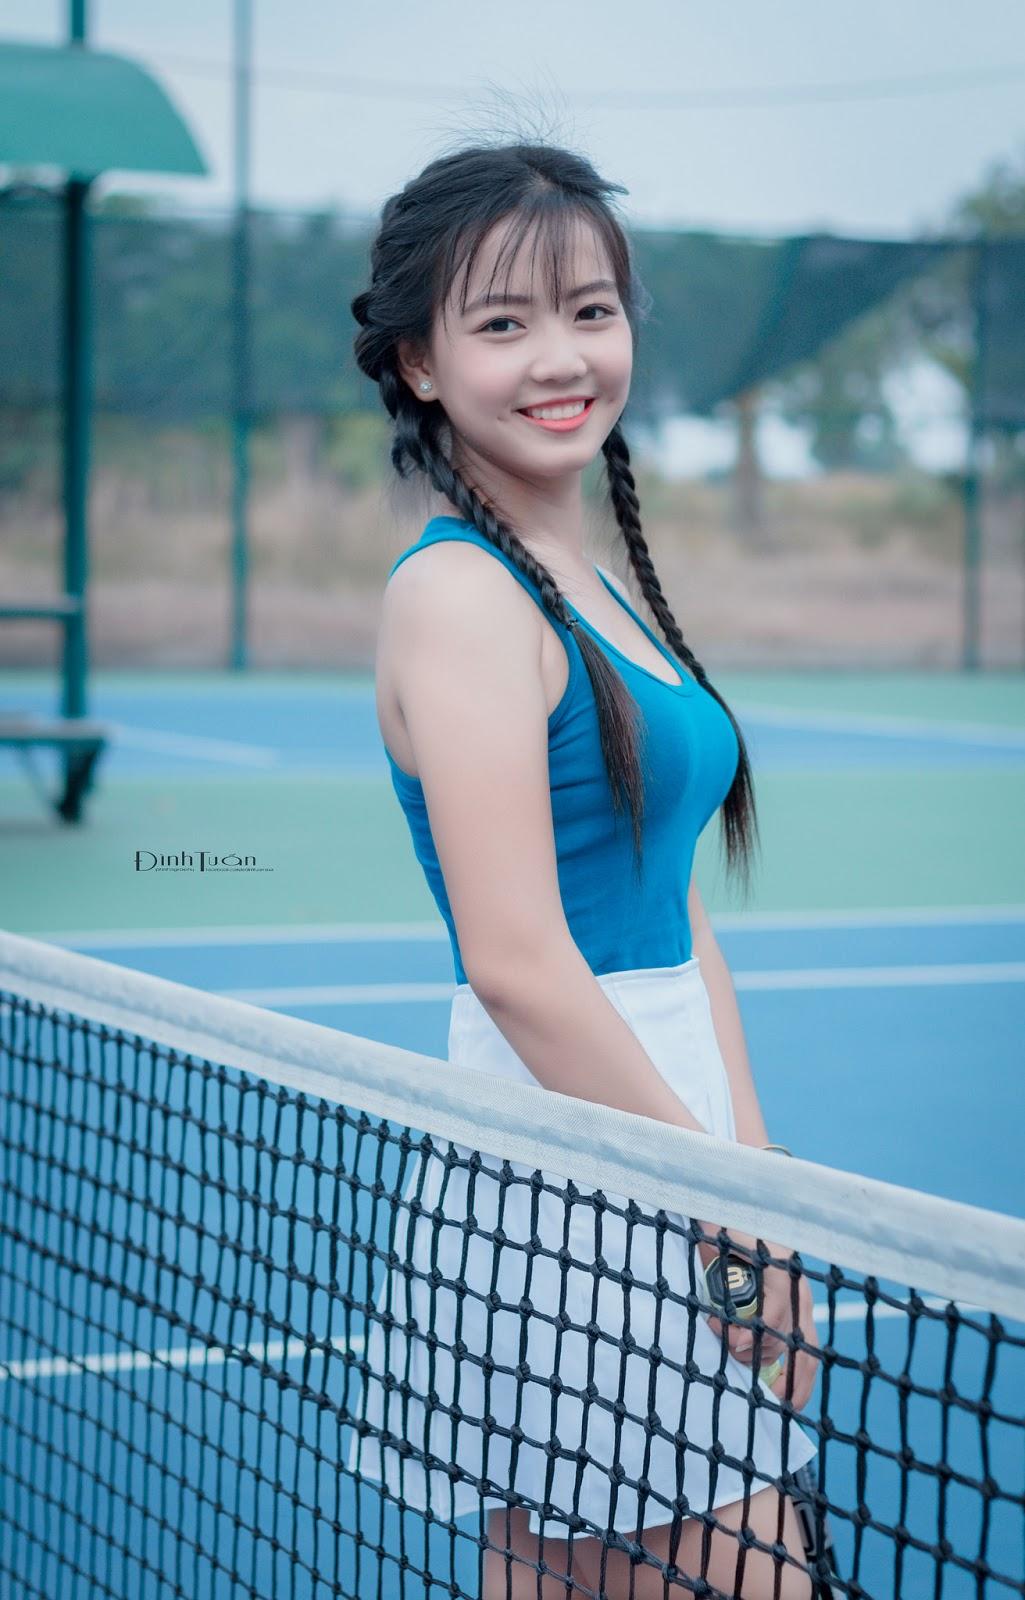 Dược Dược trong sáng và dễ thương trong album Tennis Sexy Girl